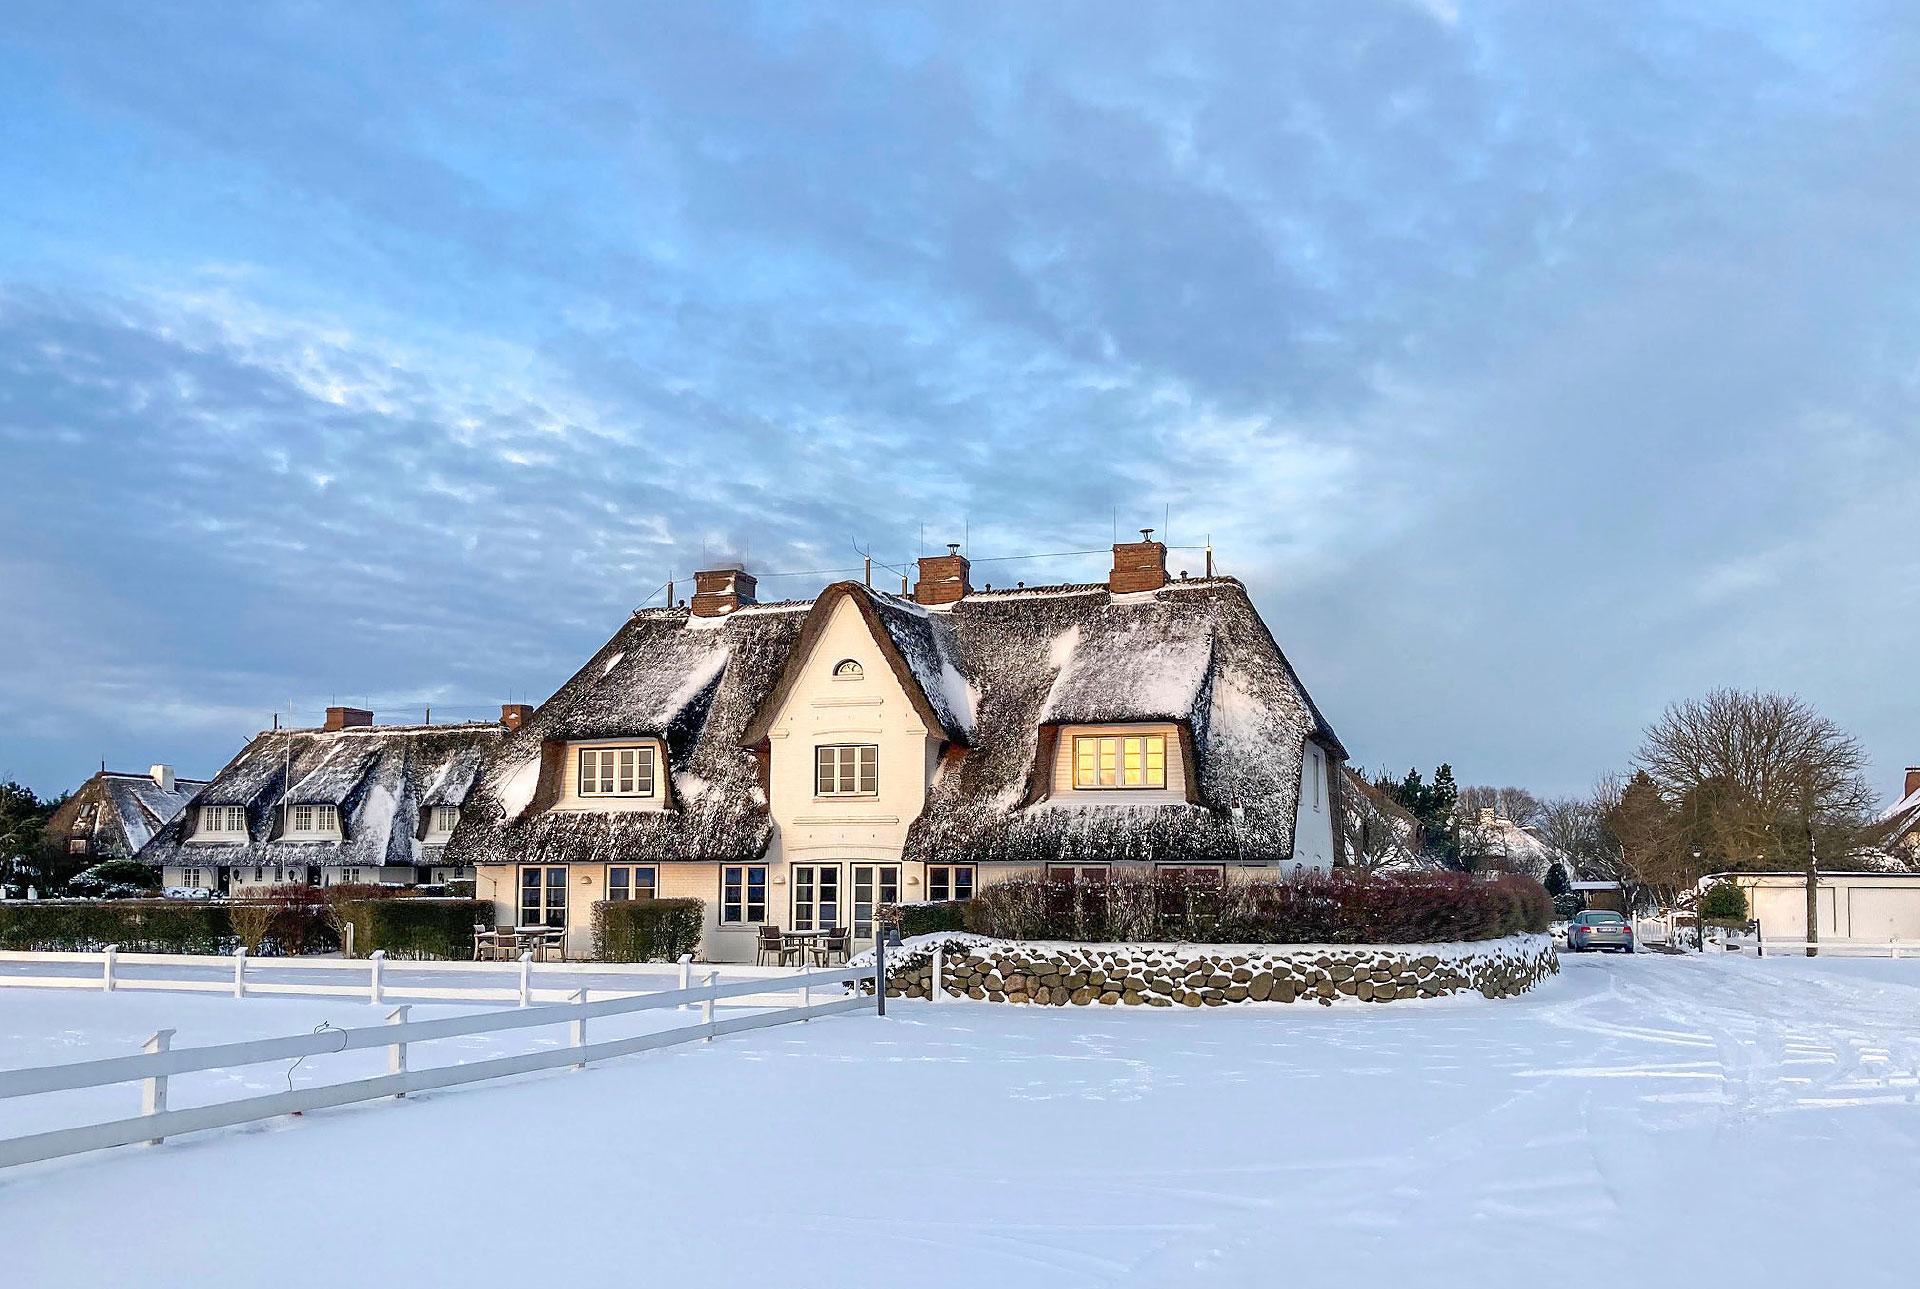 bild-galerie_winter2021_benen-diken-hof_hotel_2021-03